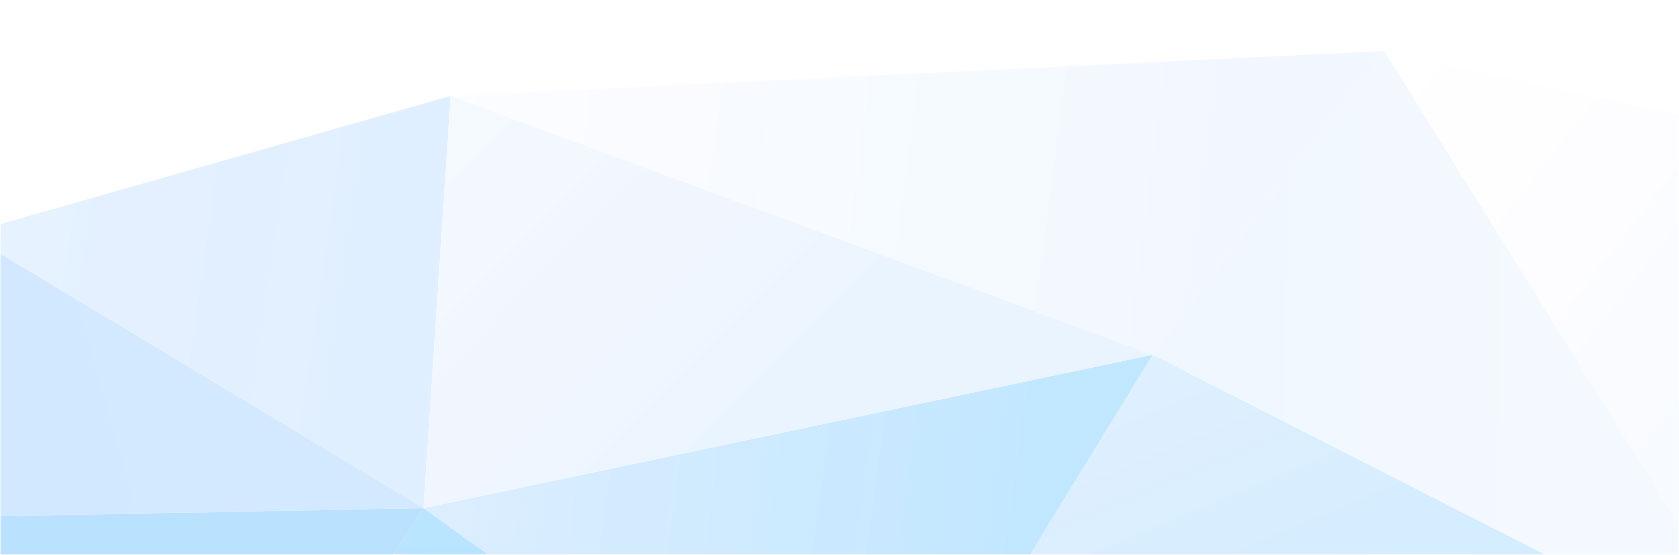 锦福娱乐_锦福娱乐注册送58_最新注册送体验金【无需申请】